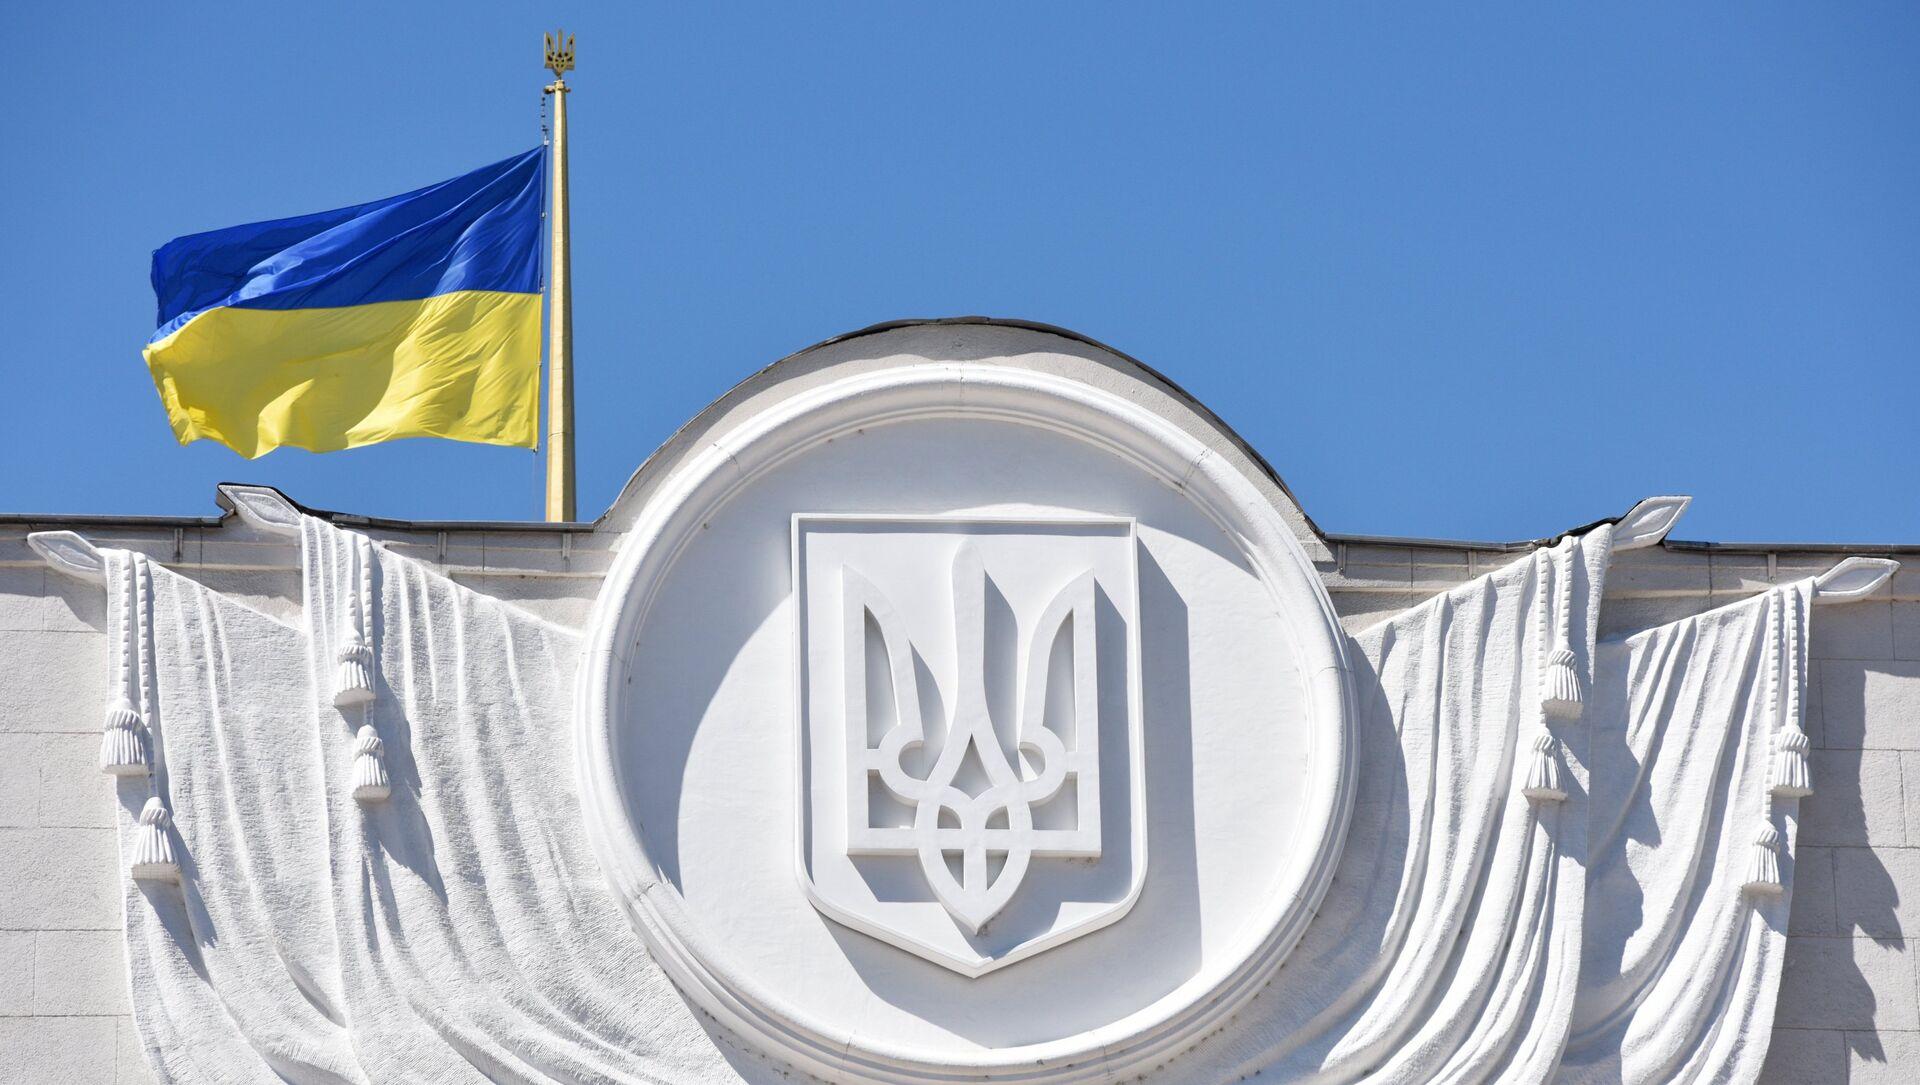 La bandera de Ucrania en el edificio de Rada Suprema en Kiev - Sputnik Mundo, 1920, 09.02.2021